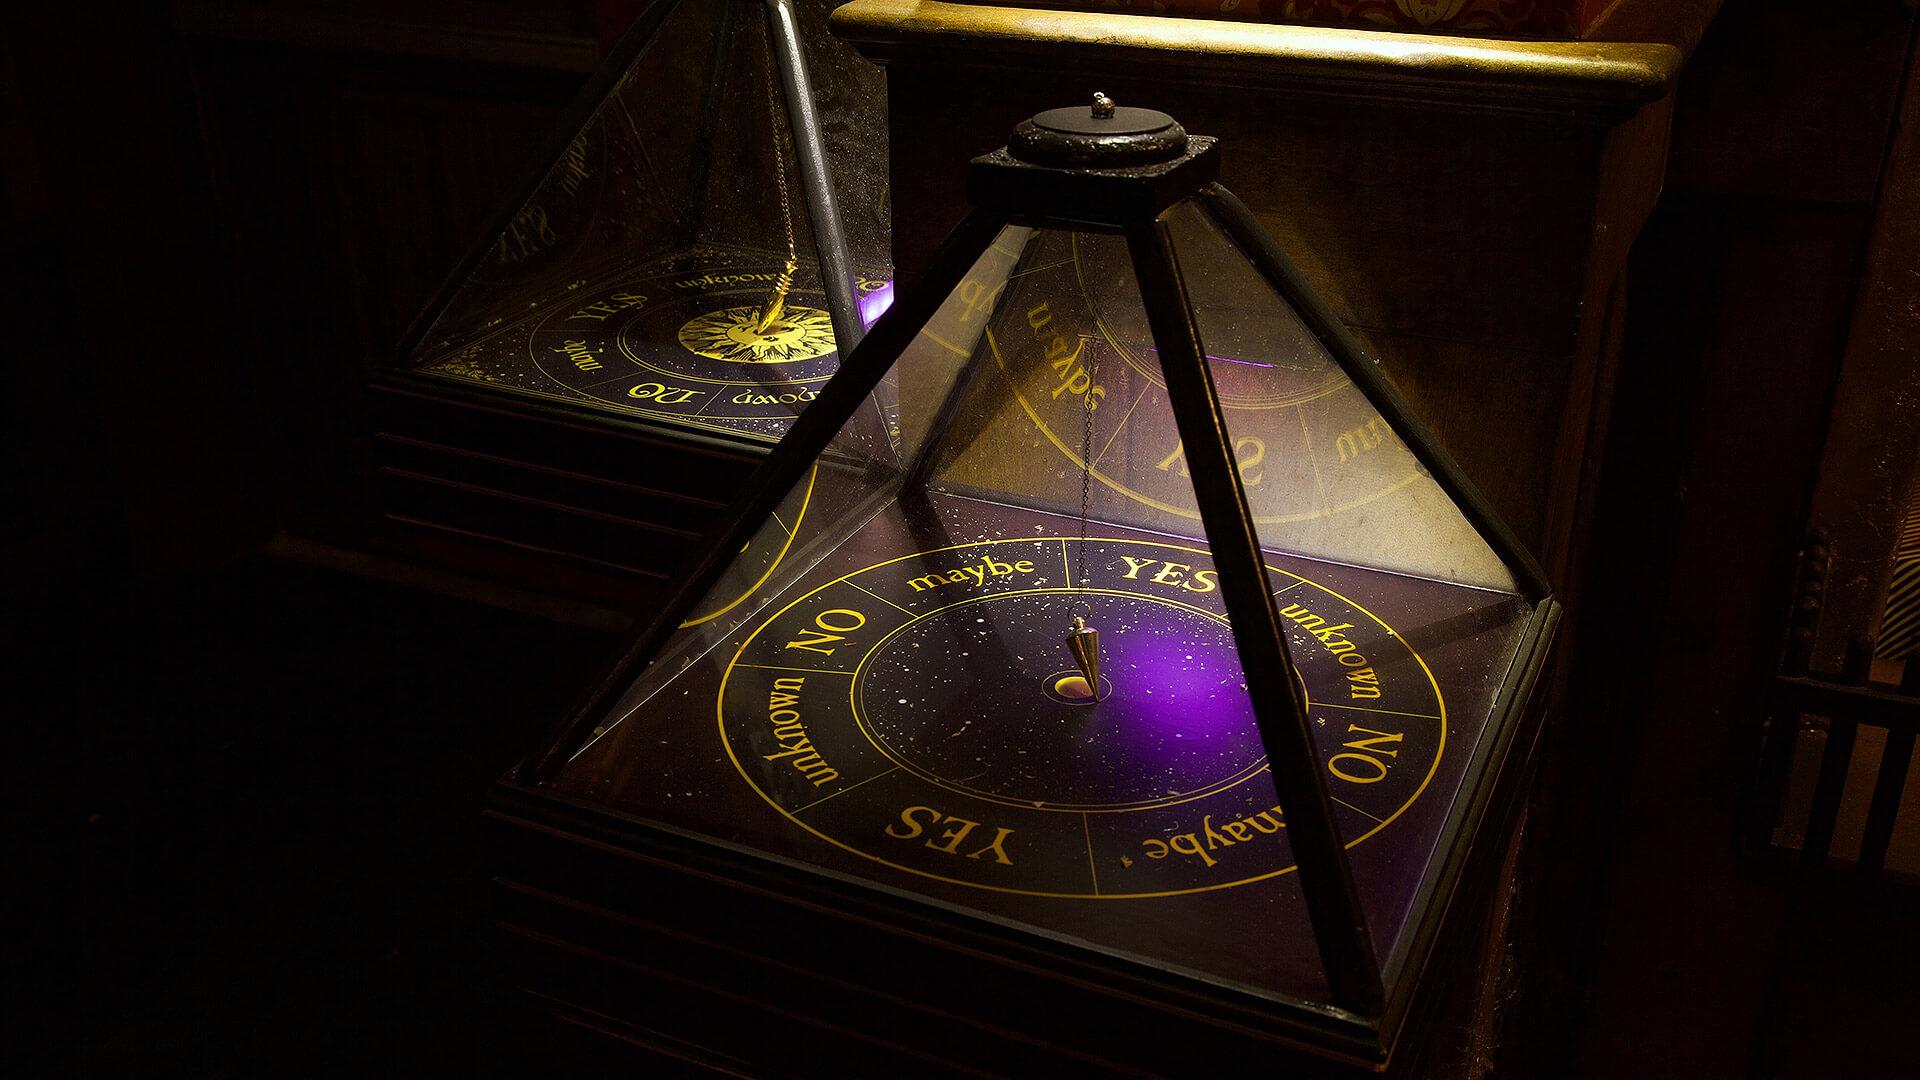 Ouija board and pendulum